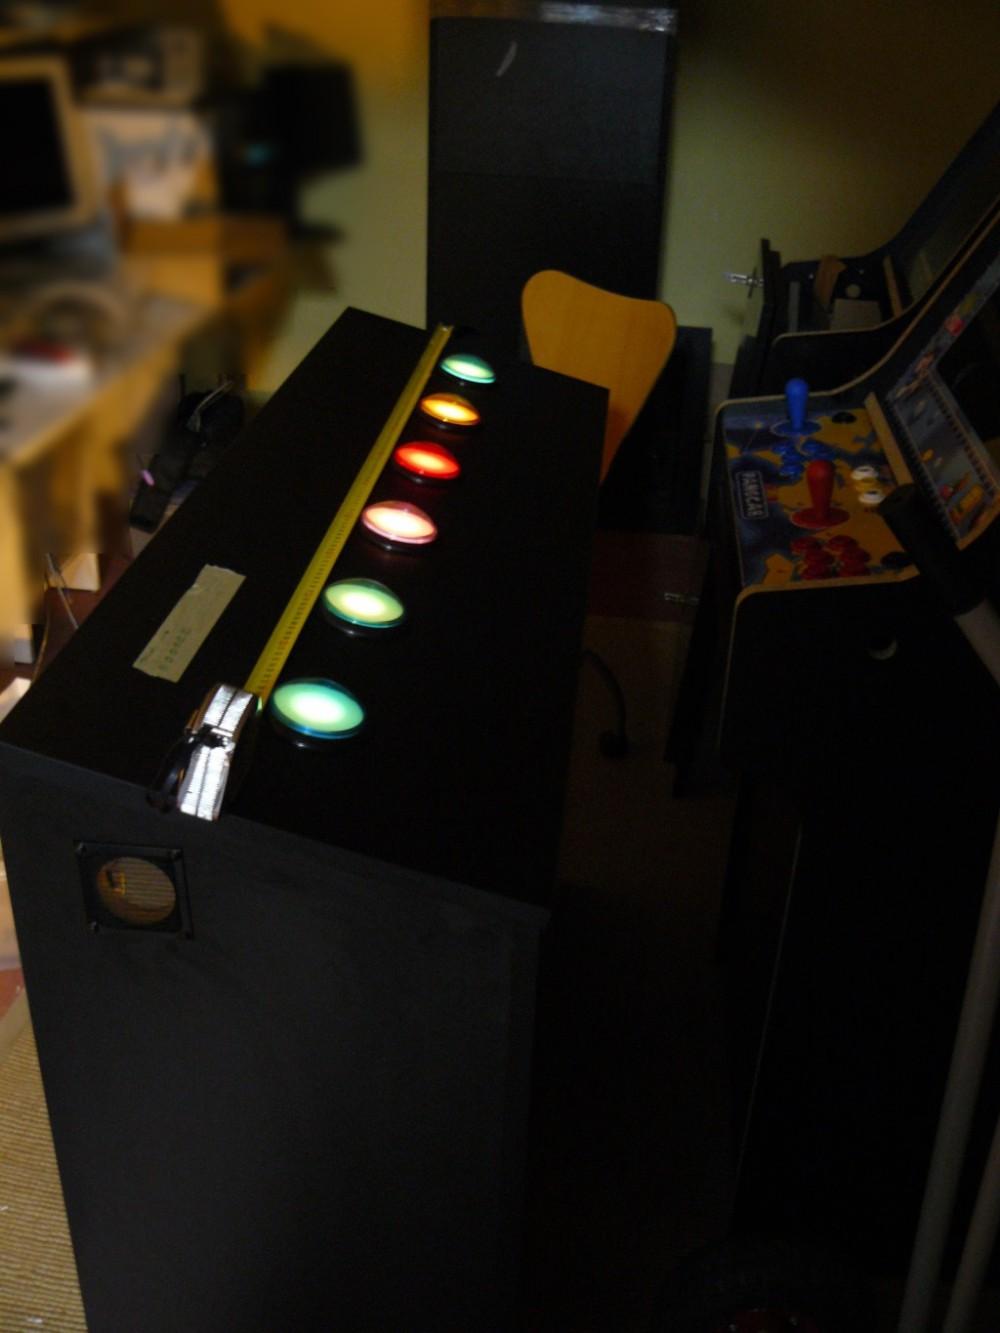 Aspecto de la botonera, iluminación funcionando con poca luz